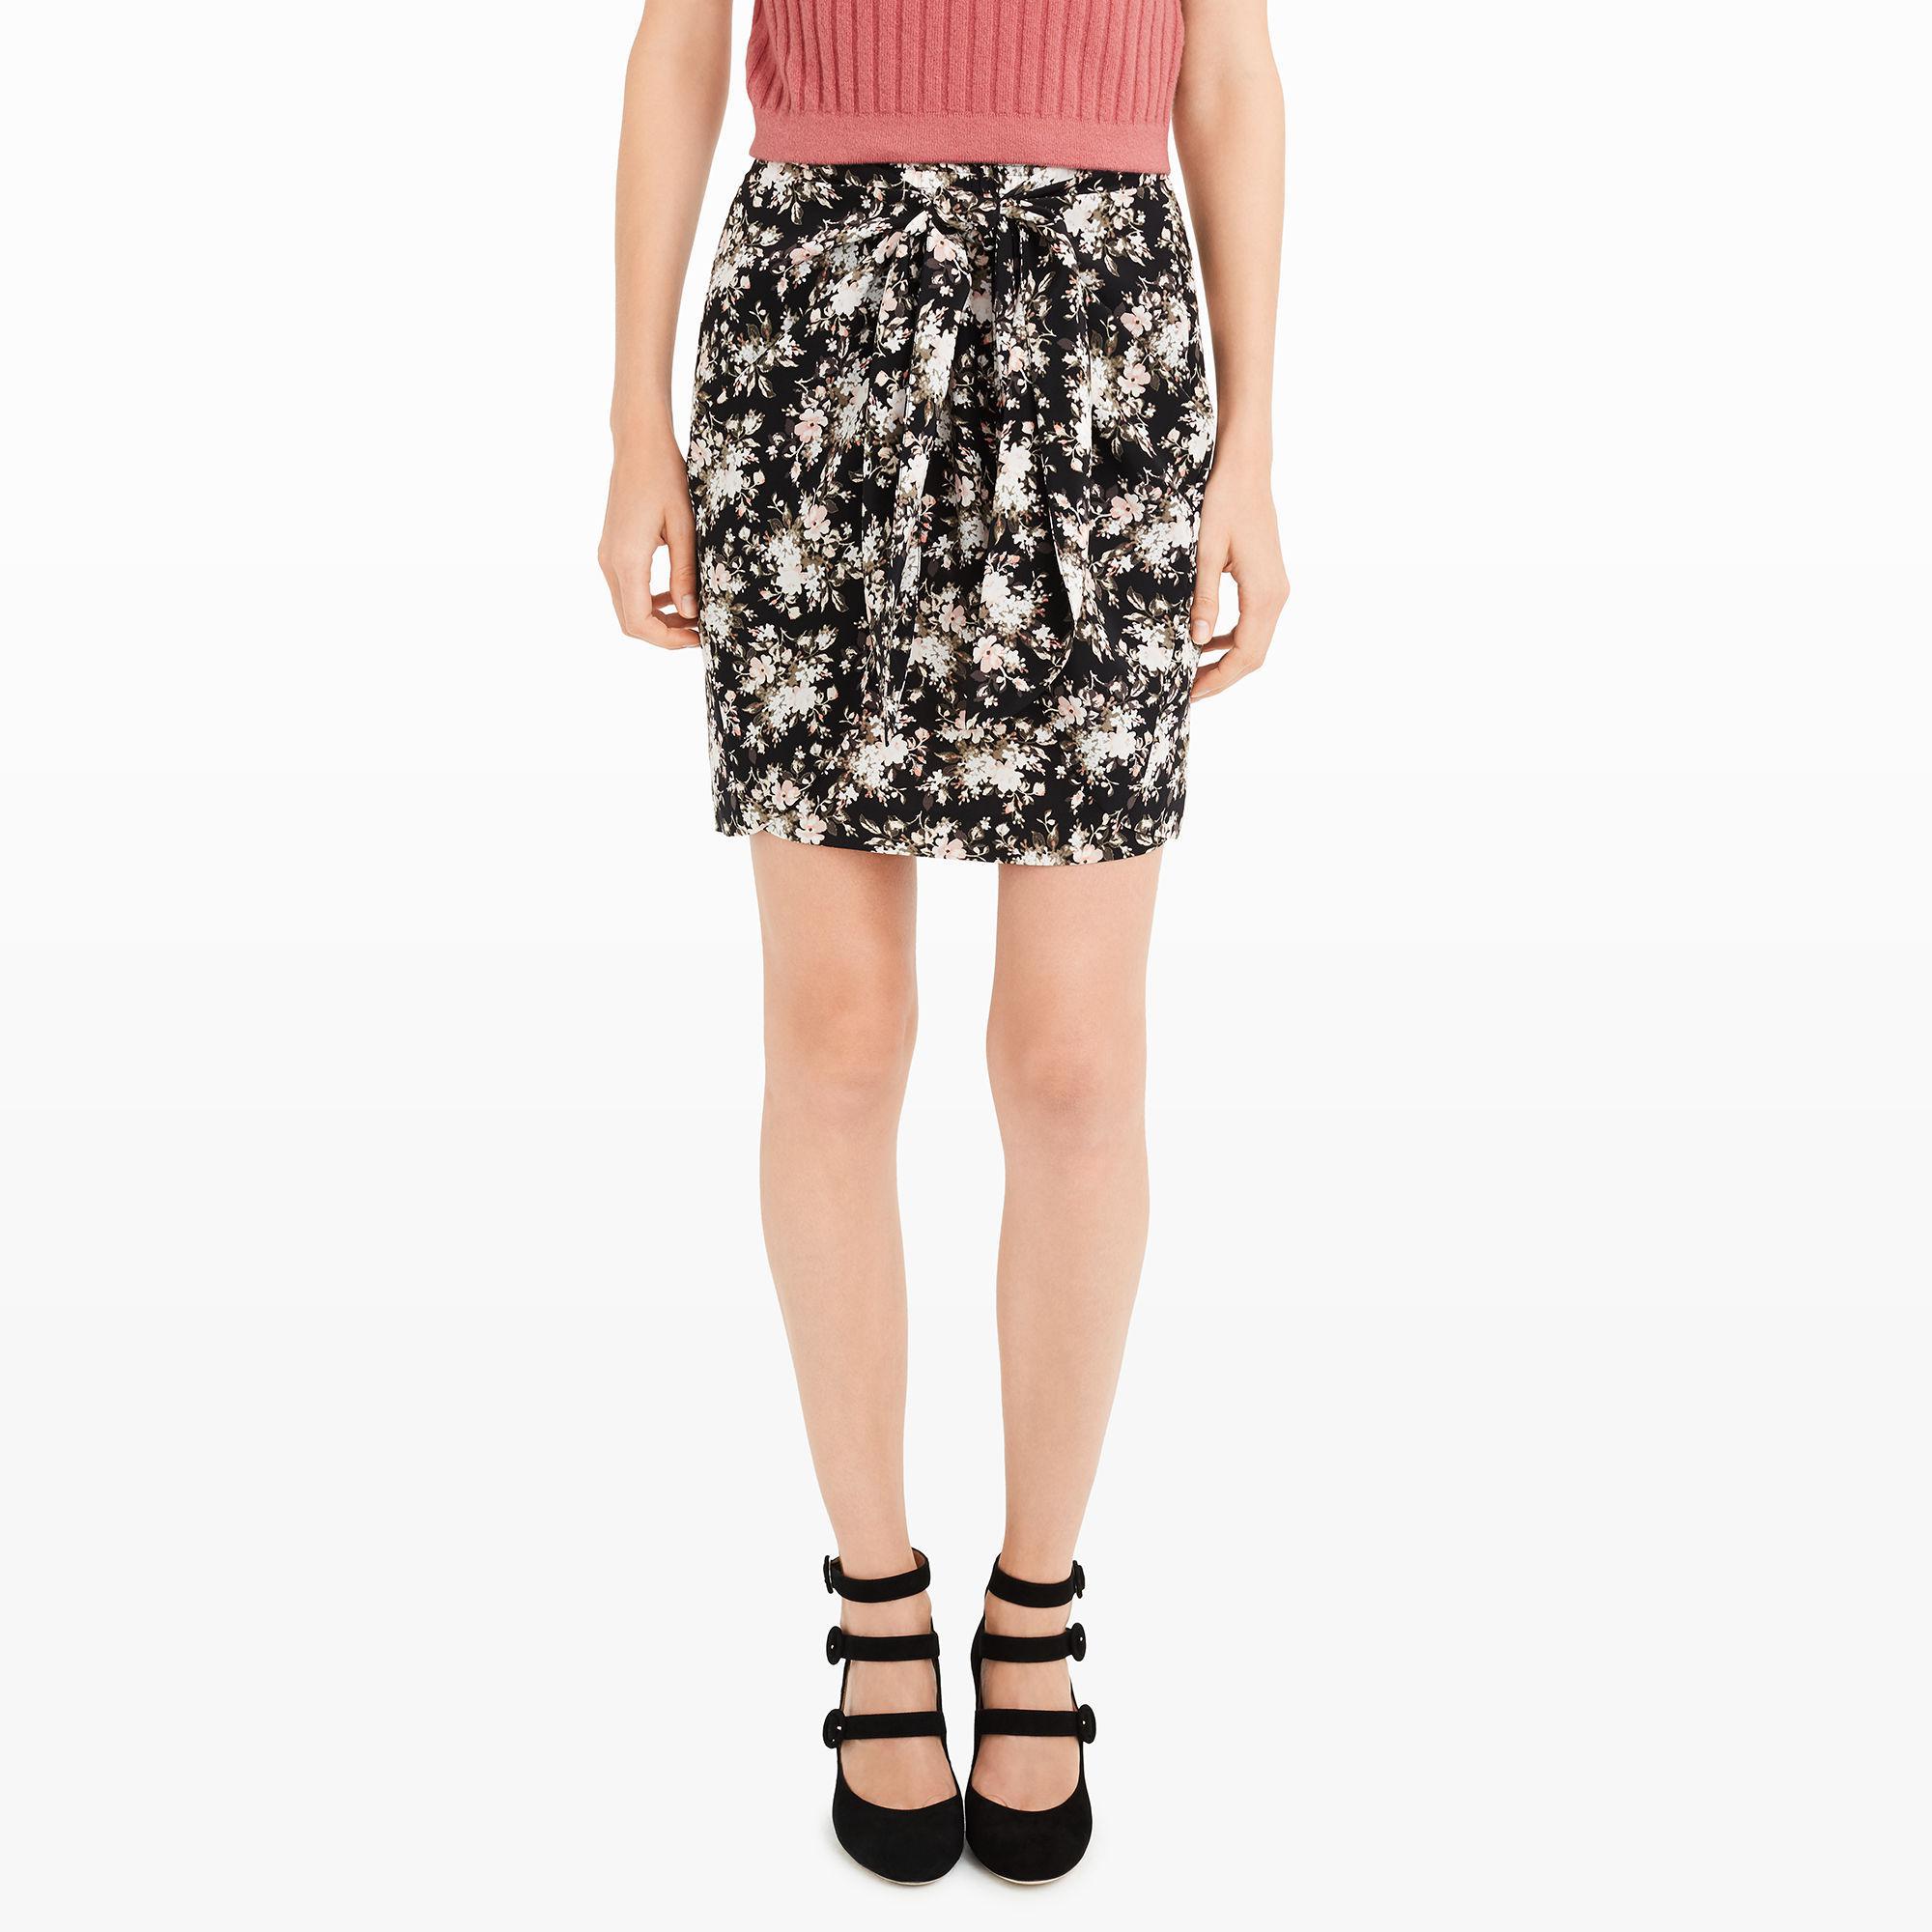 687d4d9c691fa1 Club Monaco Layli Skirt in Black - Lyst